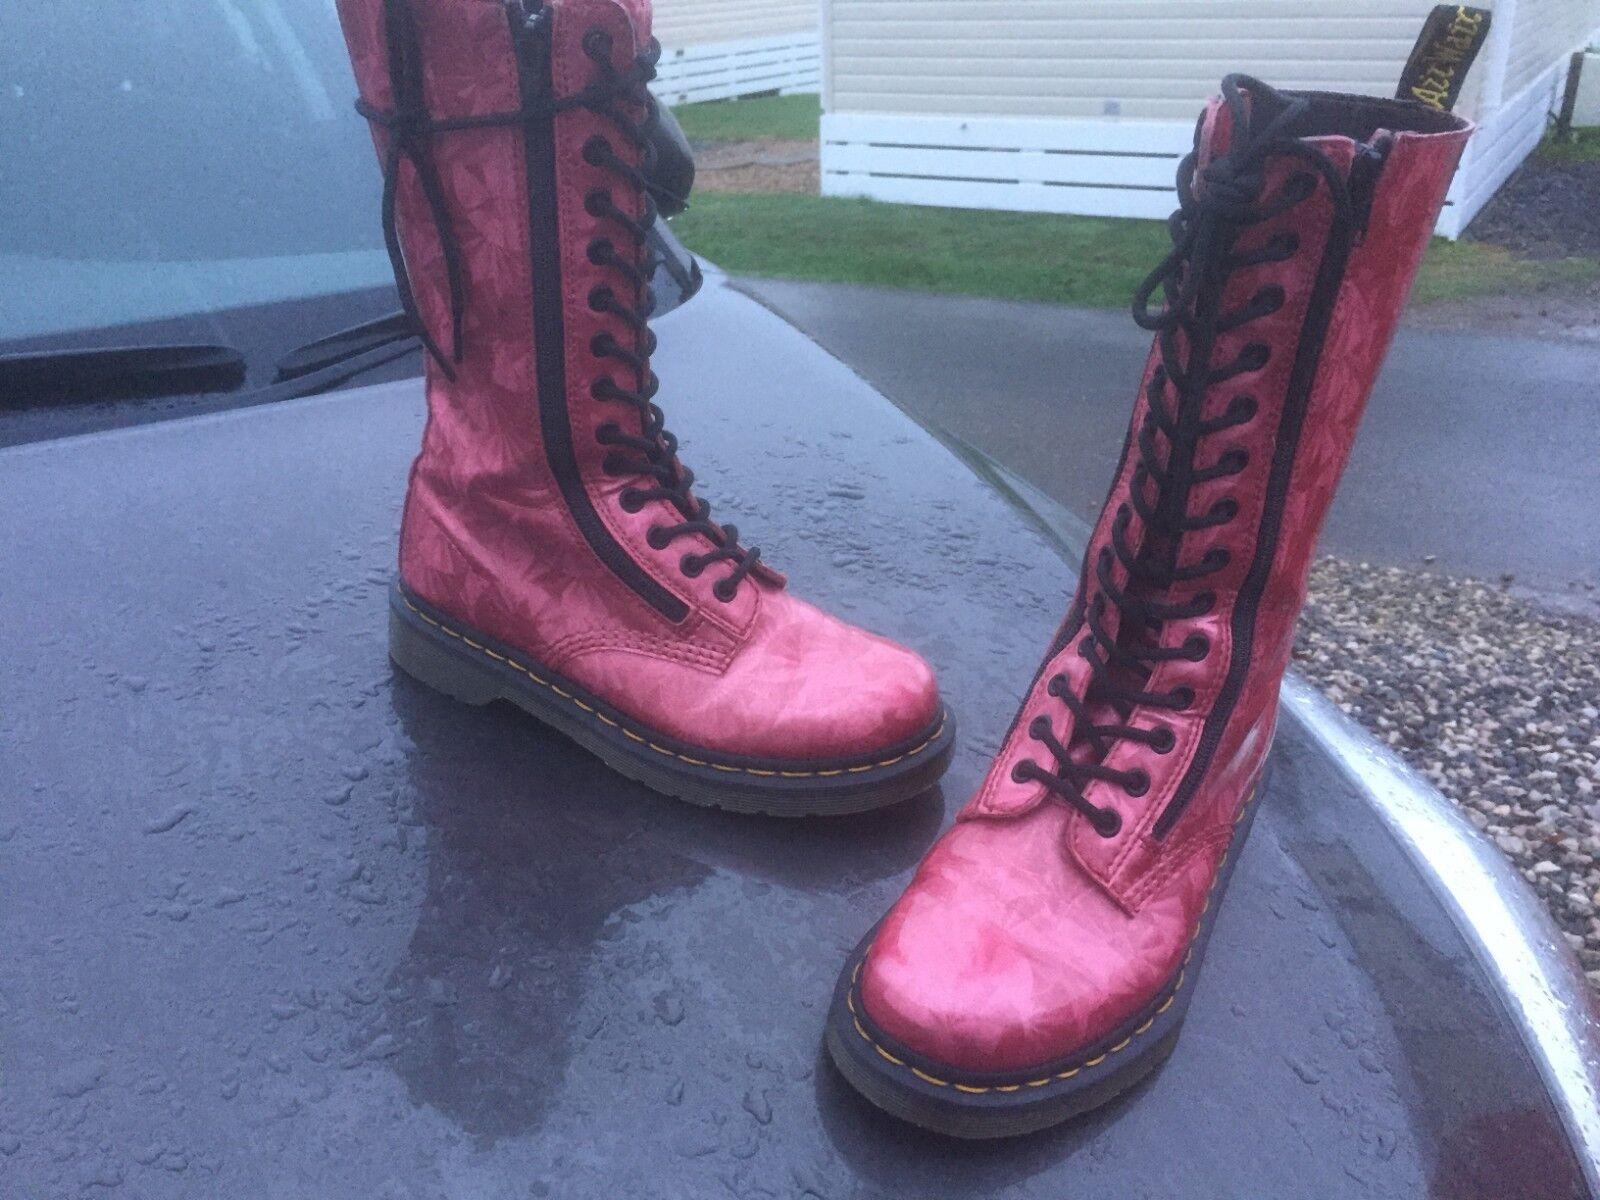 Dr Martens EU 9733 Rojo Brillo botas De Cuero UK 5 EU Martens 38 5c5e02